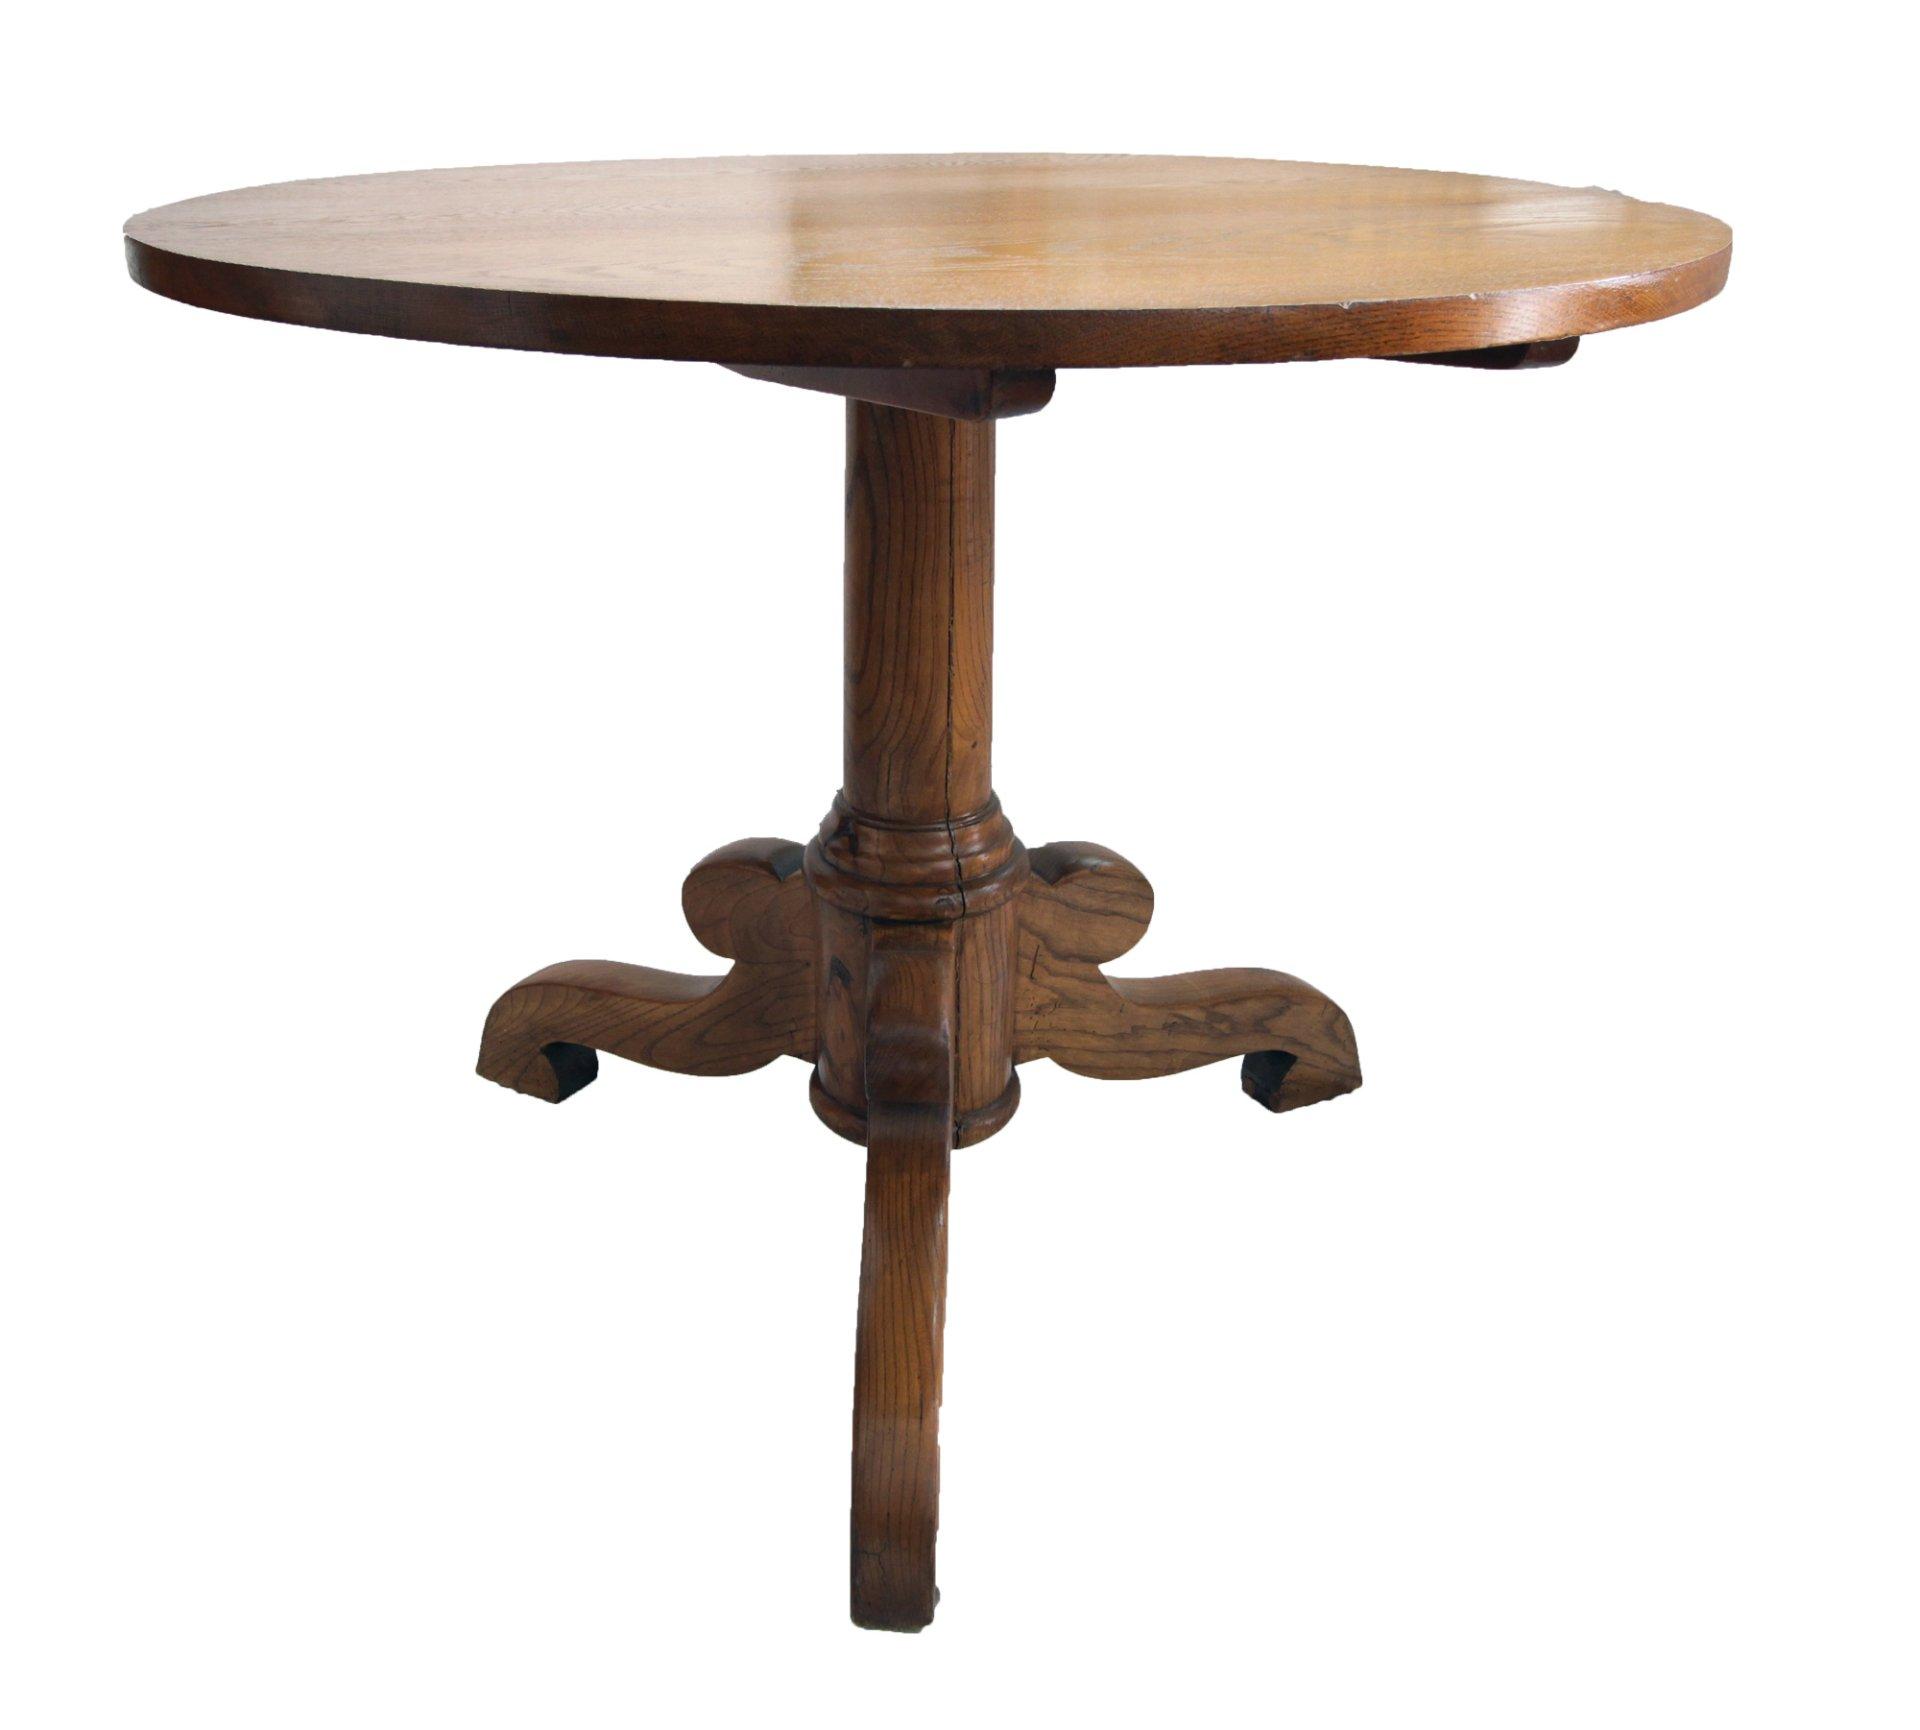 Kleiner Runder Tisch Eiche Historismus Antik Antiquitäten